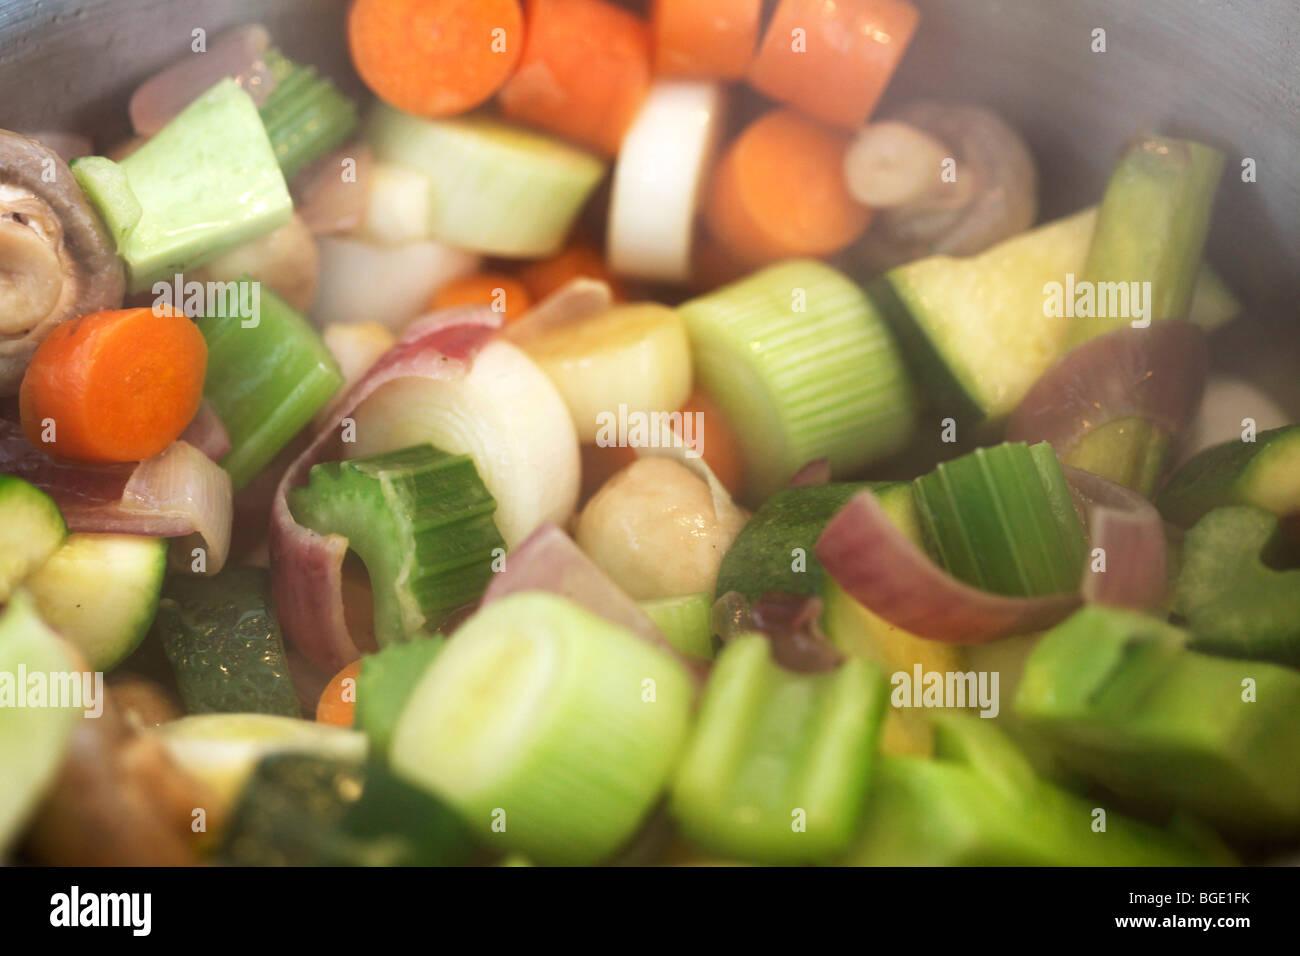 Schmorrgemüse Stockfotos & Schmorrgemüse Bilder - Alamy